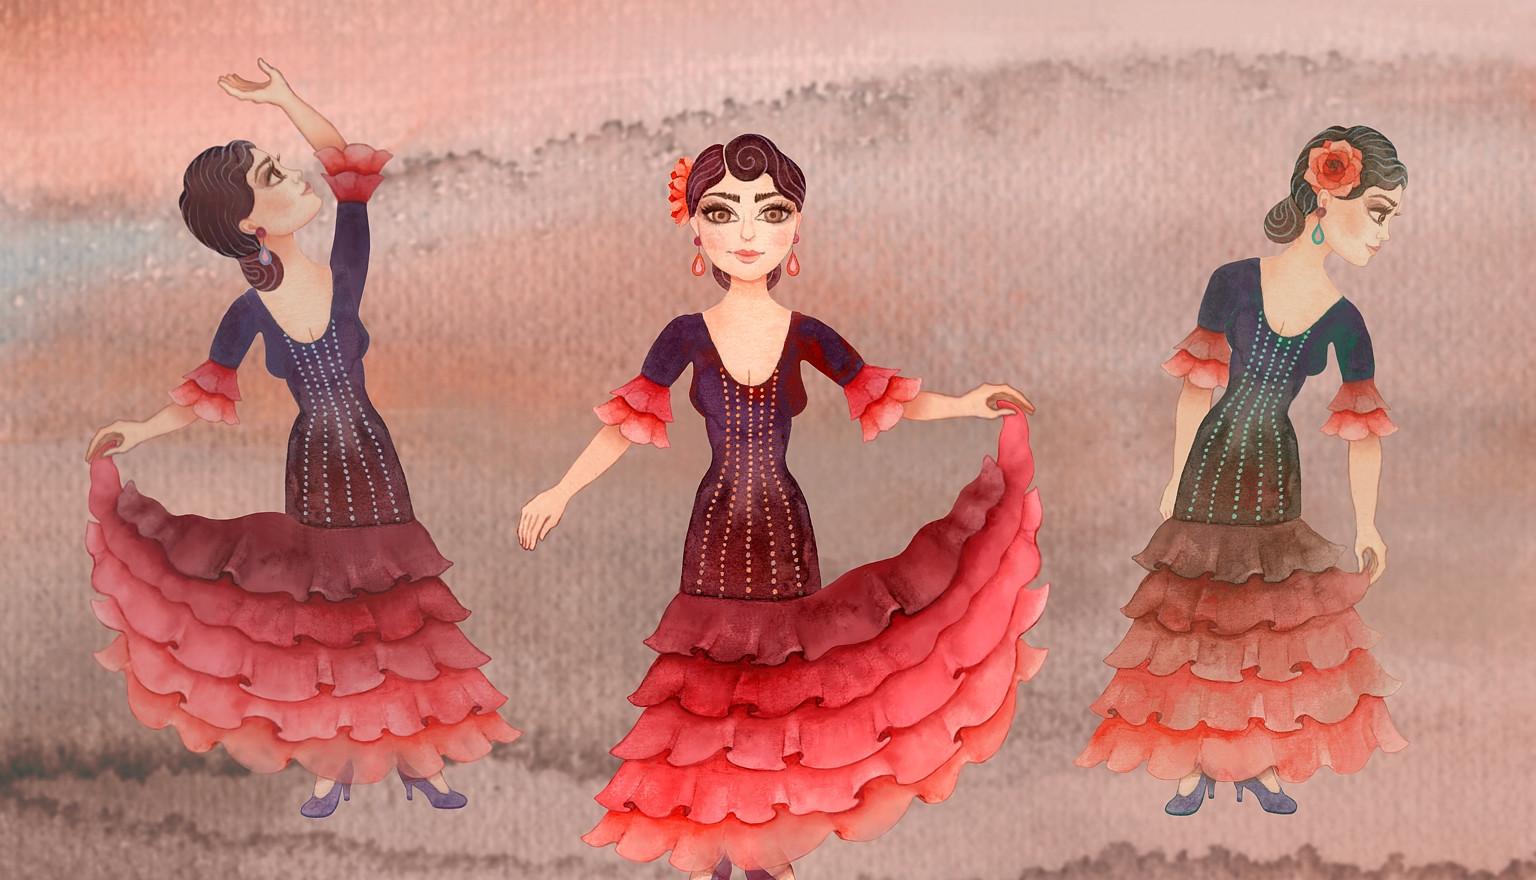 Visual of flamenco dancers